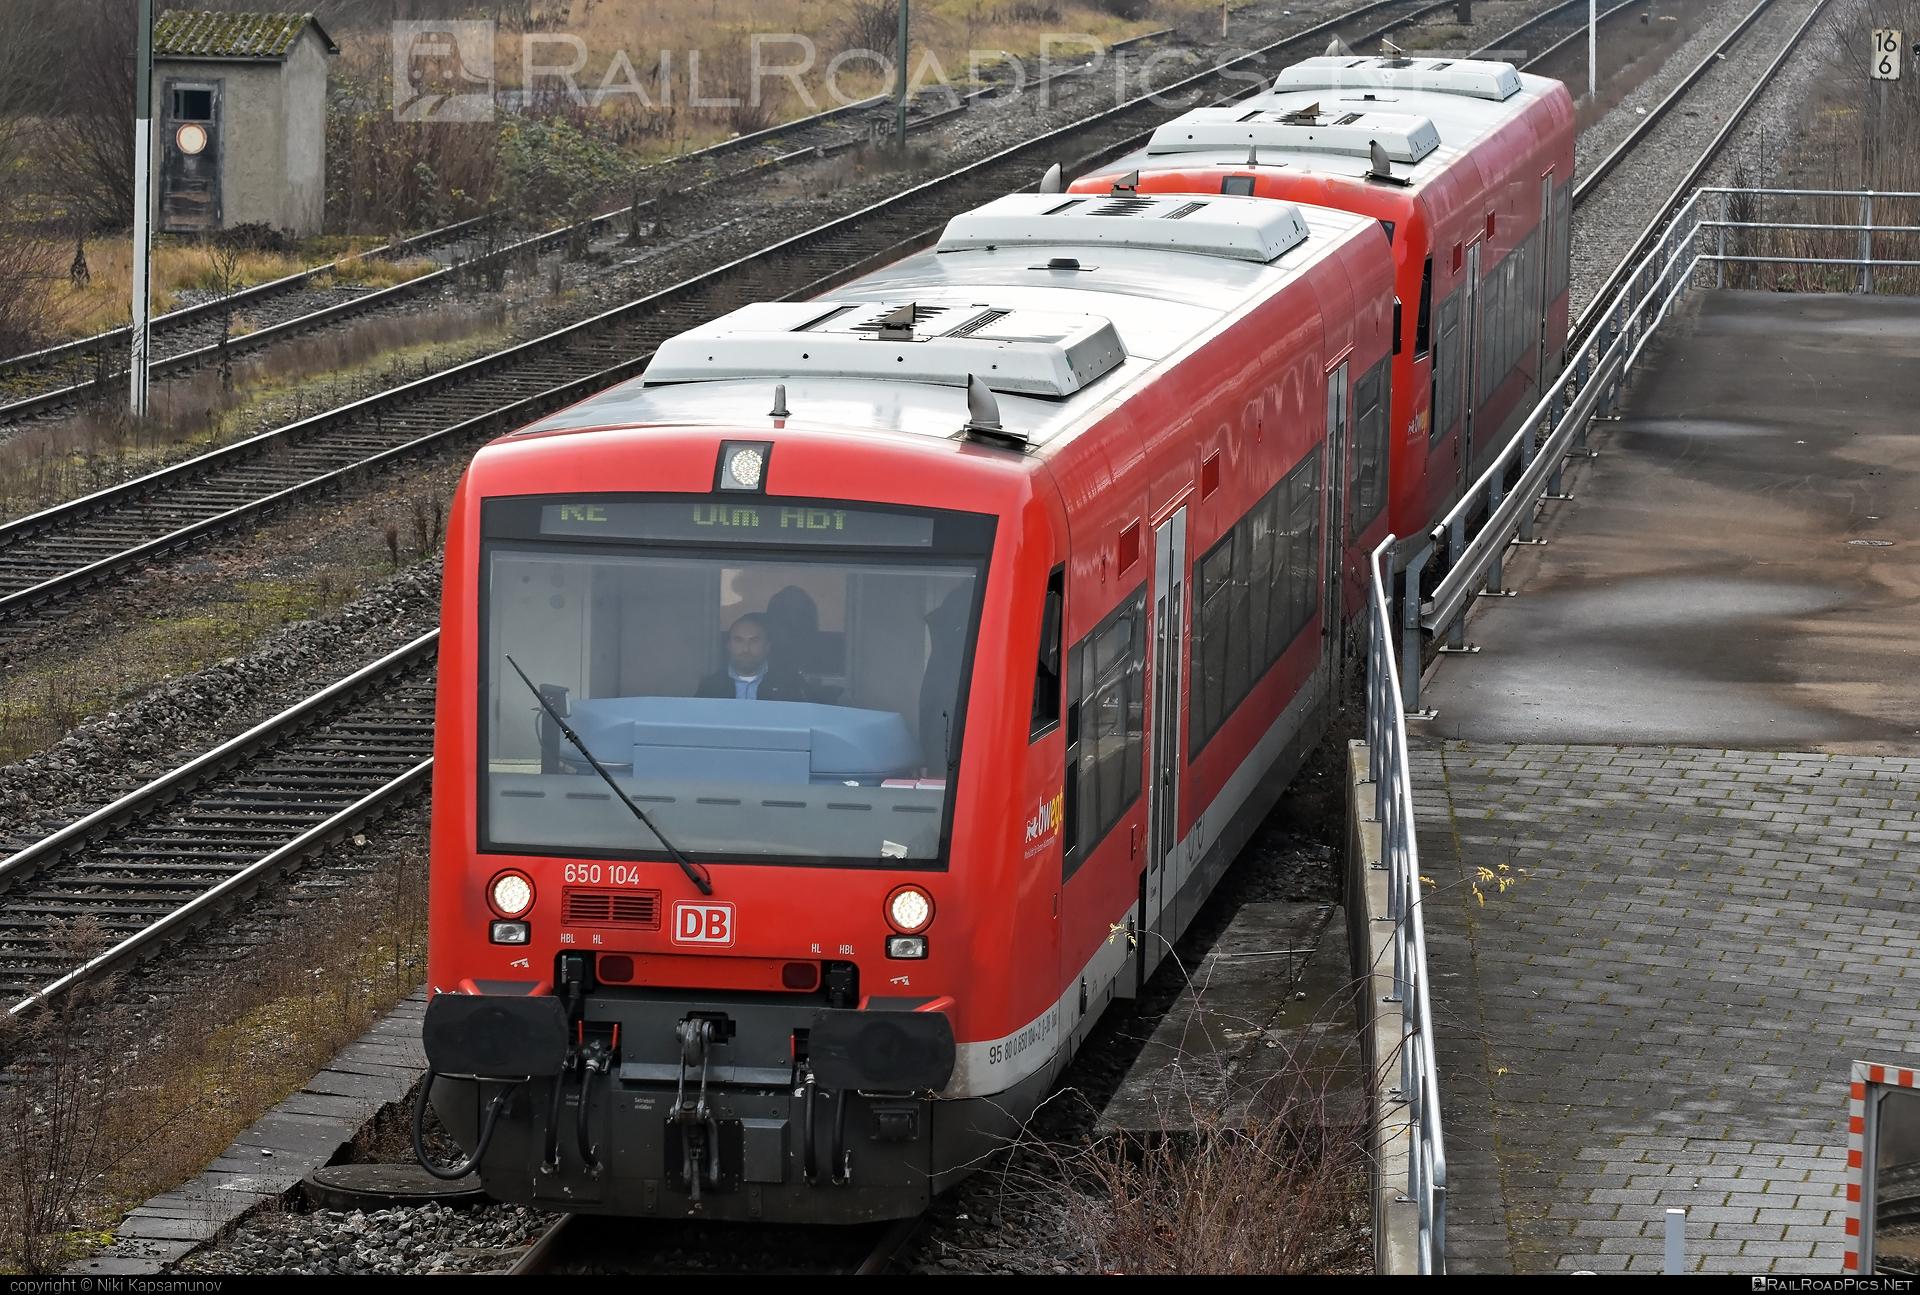 Stadler Regio-Shuttle RS1 - 650 104 operated by Deutsche Bahn / DB AG #bwegt #db #dbregio #deutschebahn #regioshuttlers1 #stadler #stadlerrail #stadlerrailag #stadlerregioshuttlers1